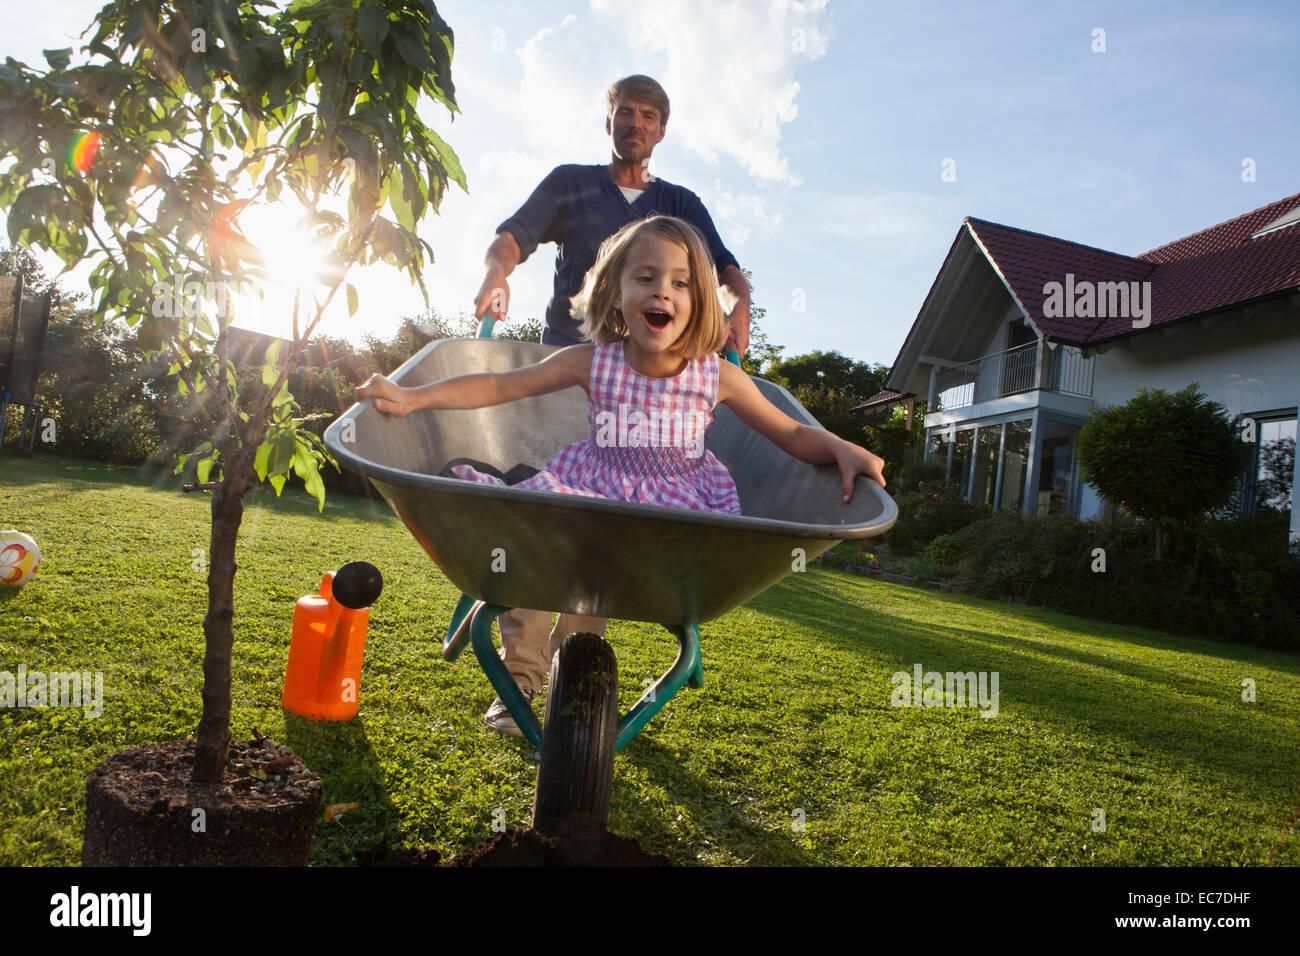 Vater mit Tochter in Schubkarre Baum im Garten Pflanzen Stockbild